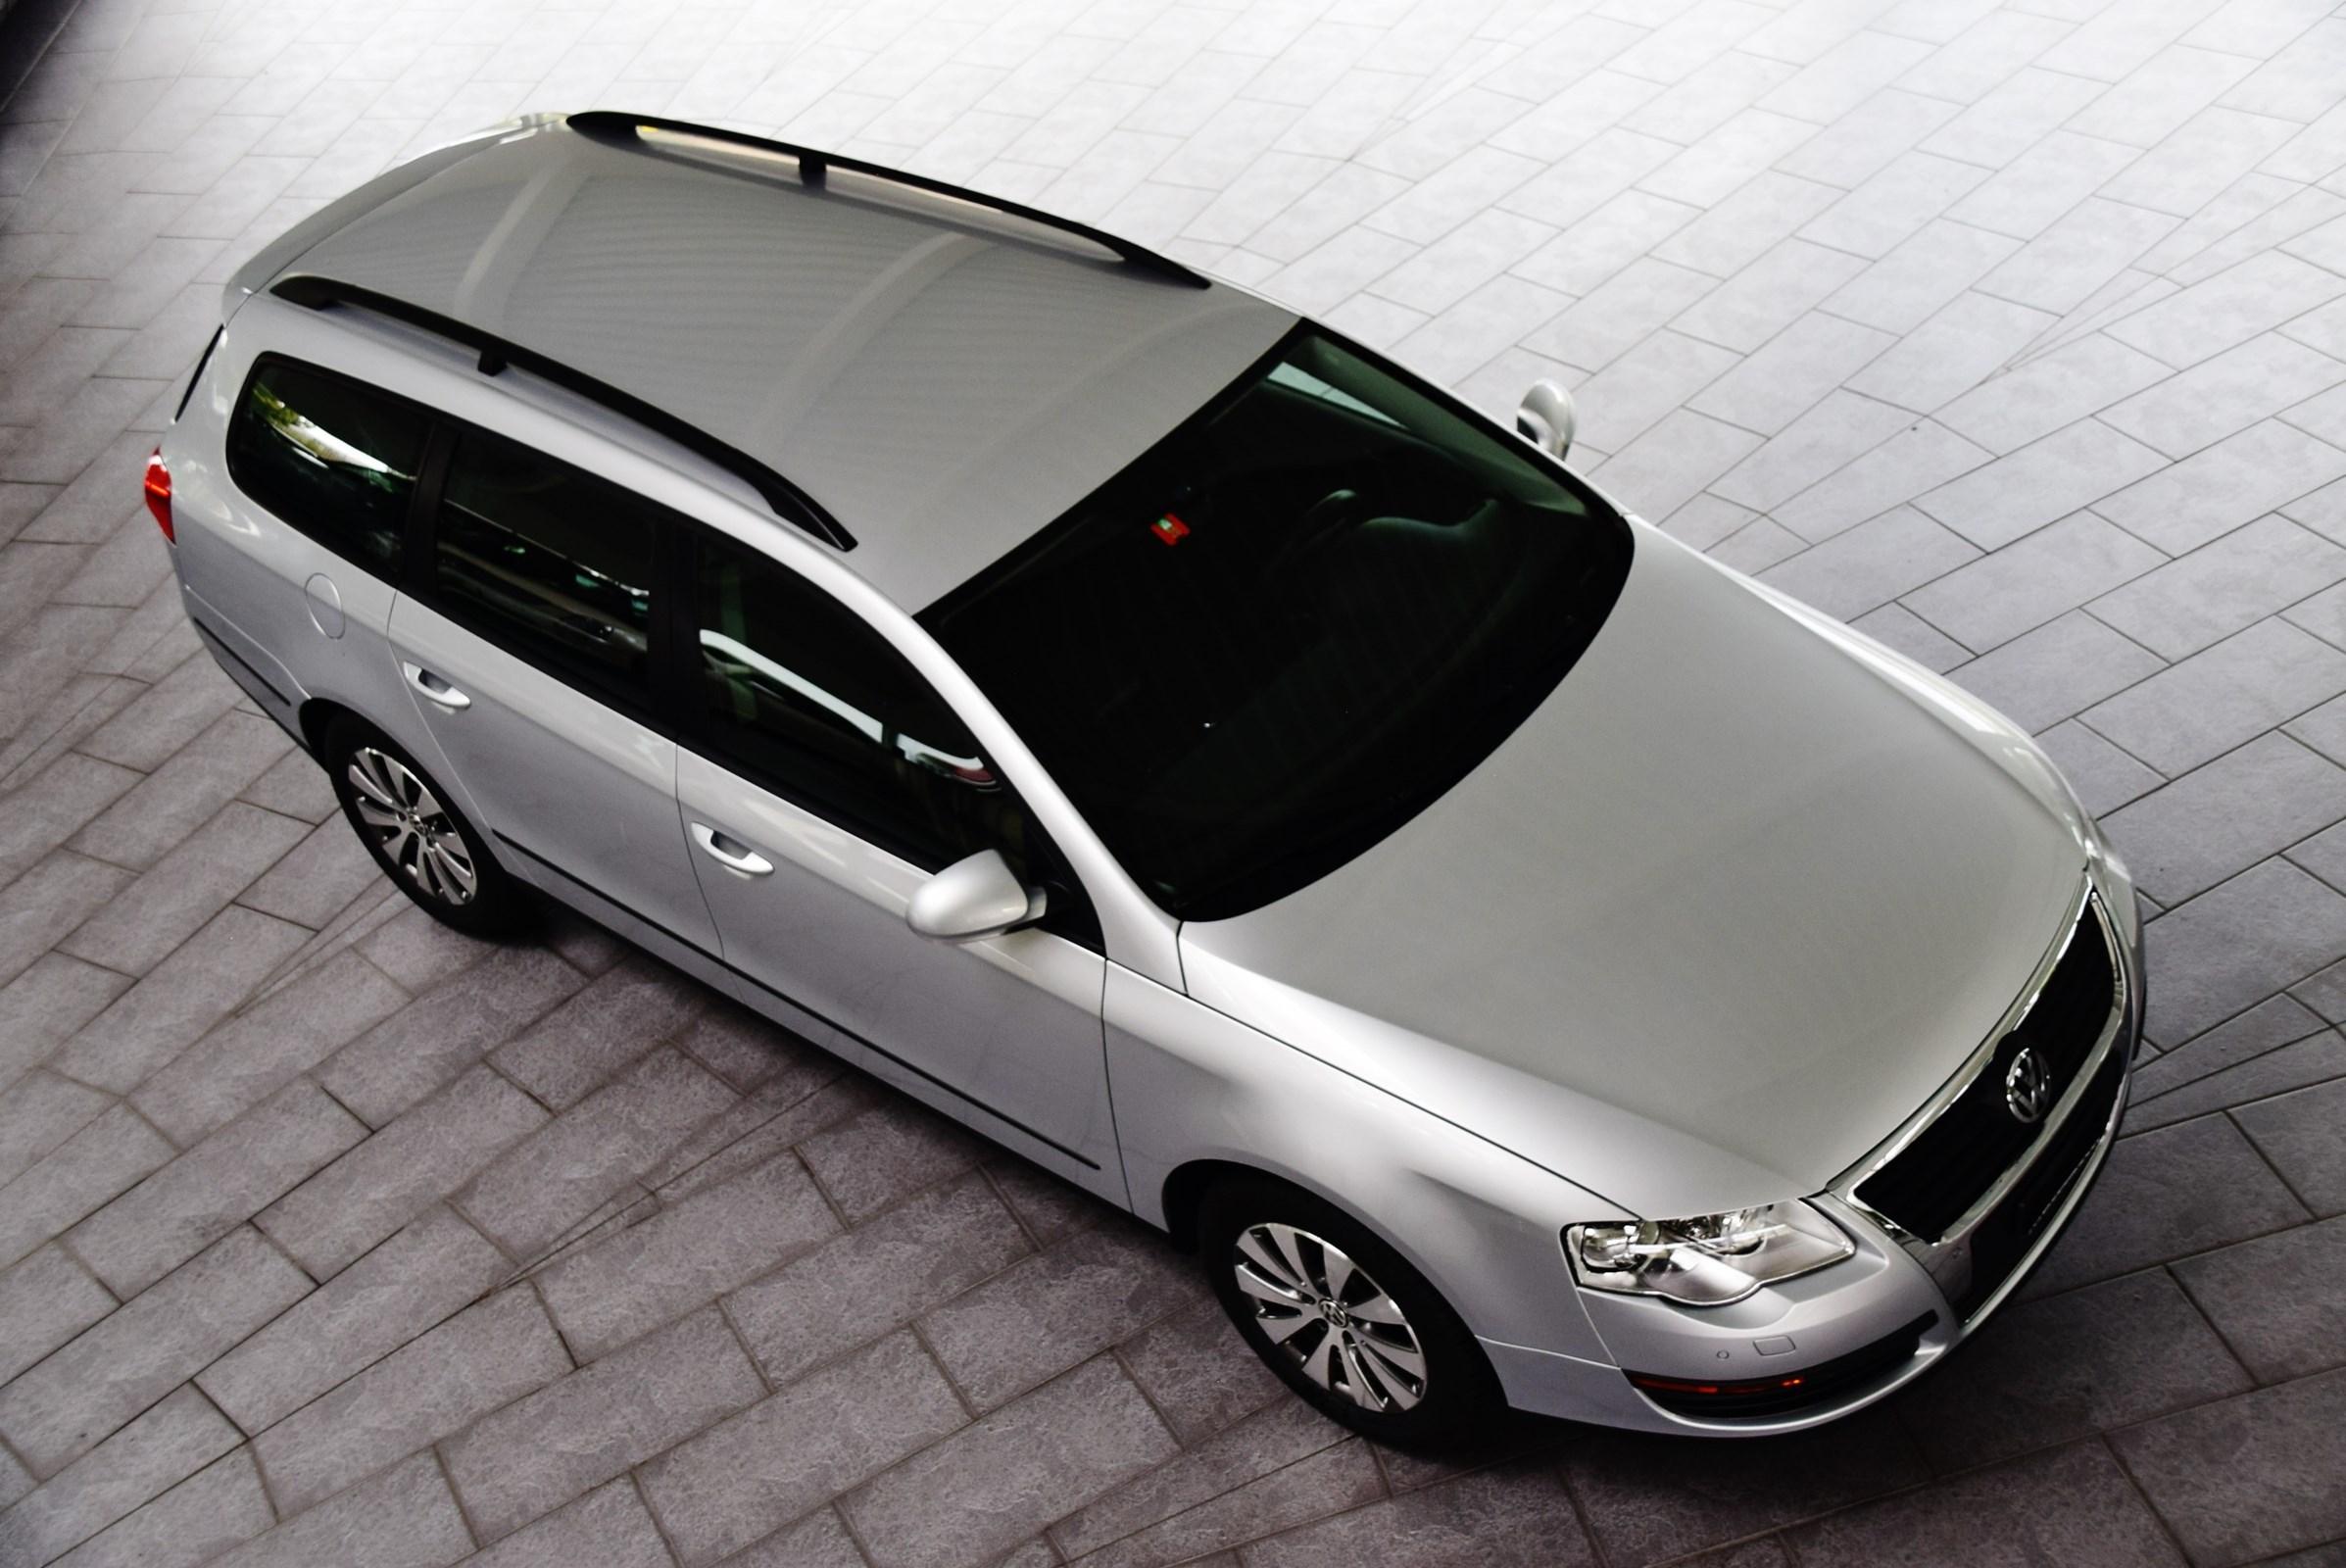 estate VW Passat Variant 1.8 TSI Trendline